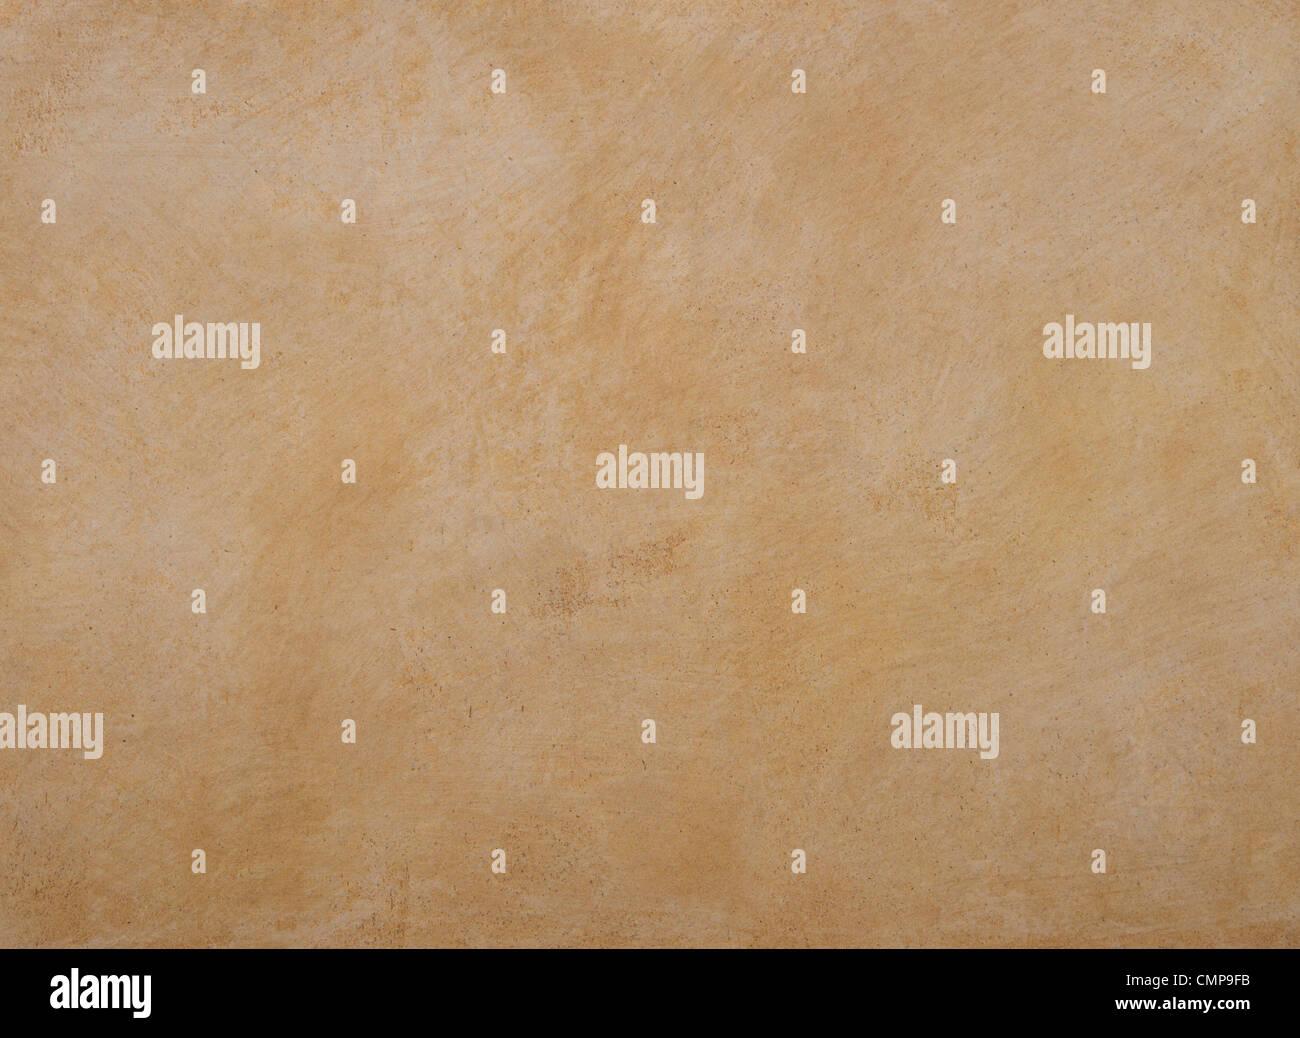 La textura de las paredes están cubiertas con masilla naranja Imagen De Stock